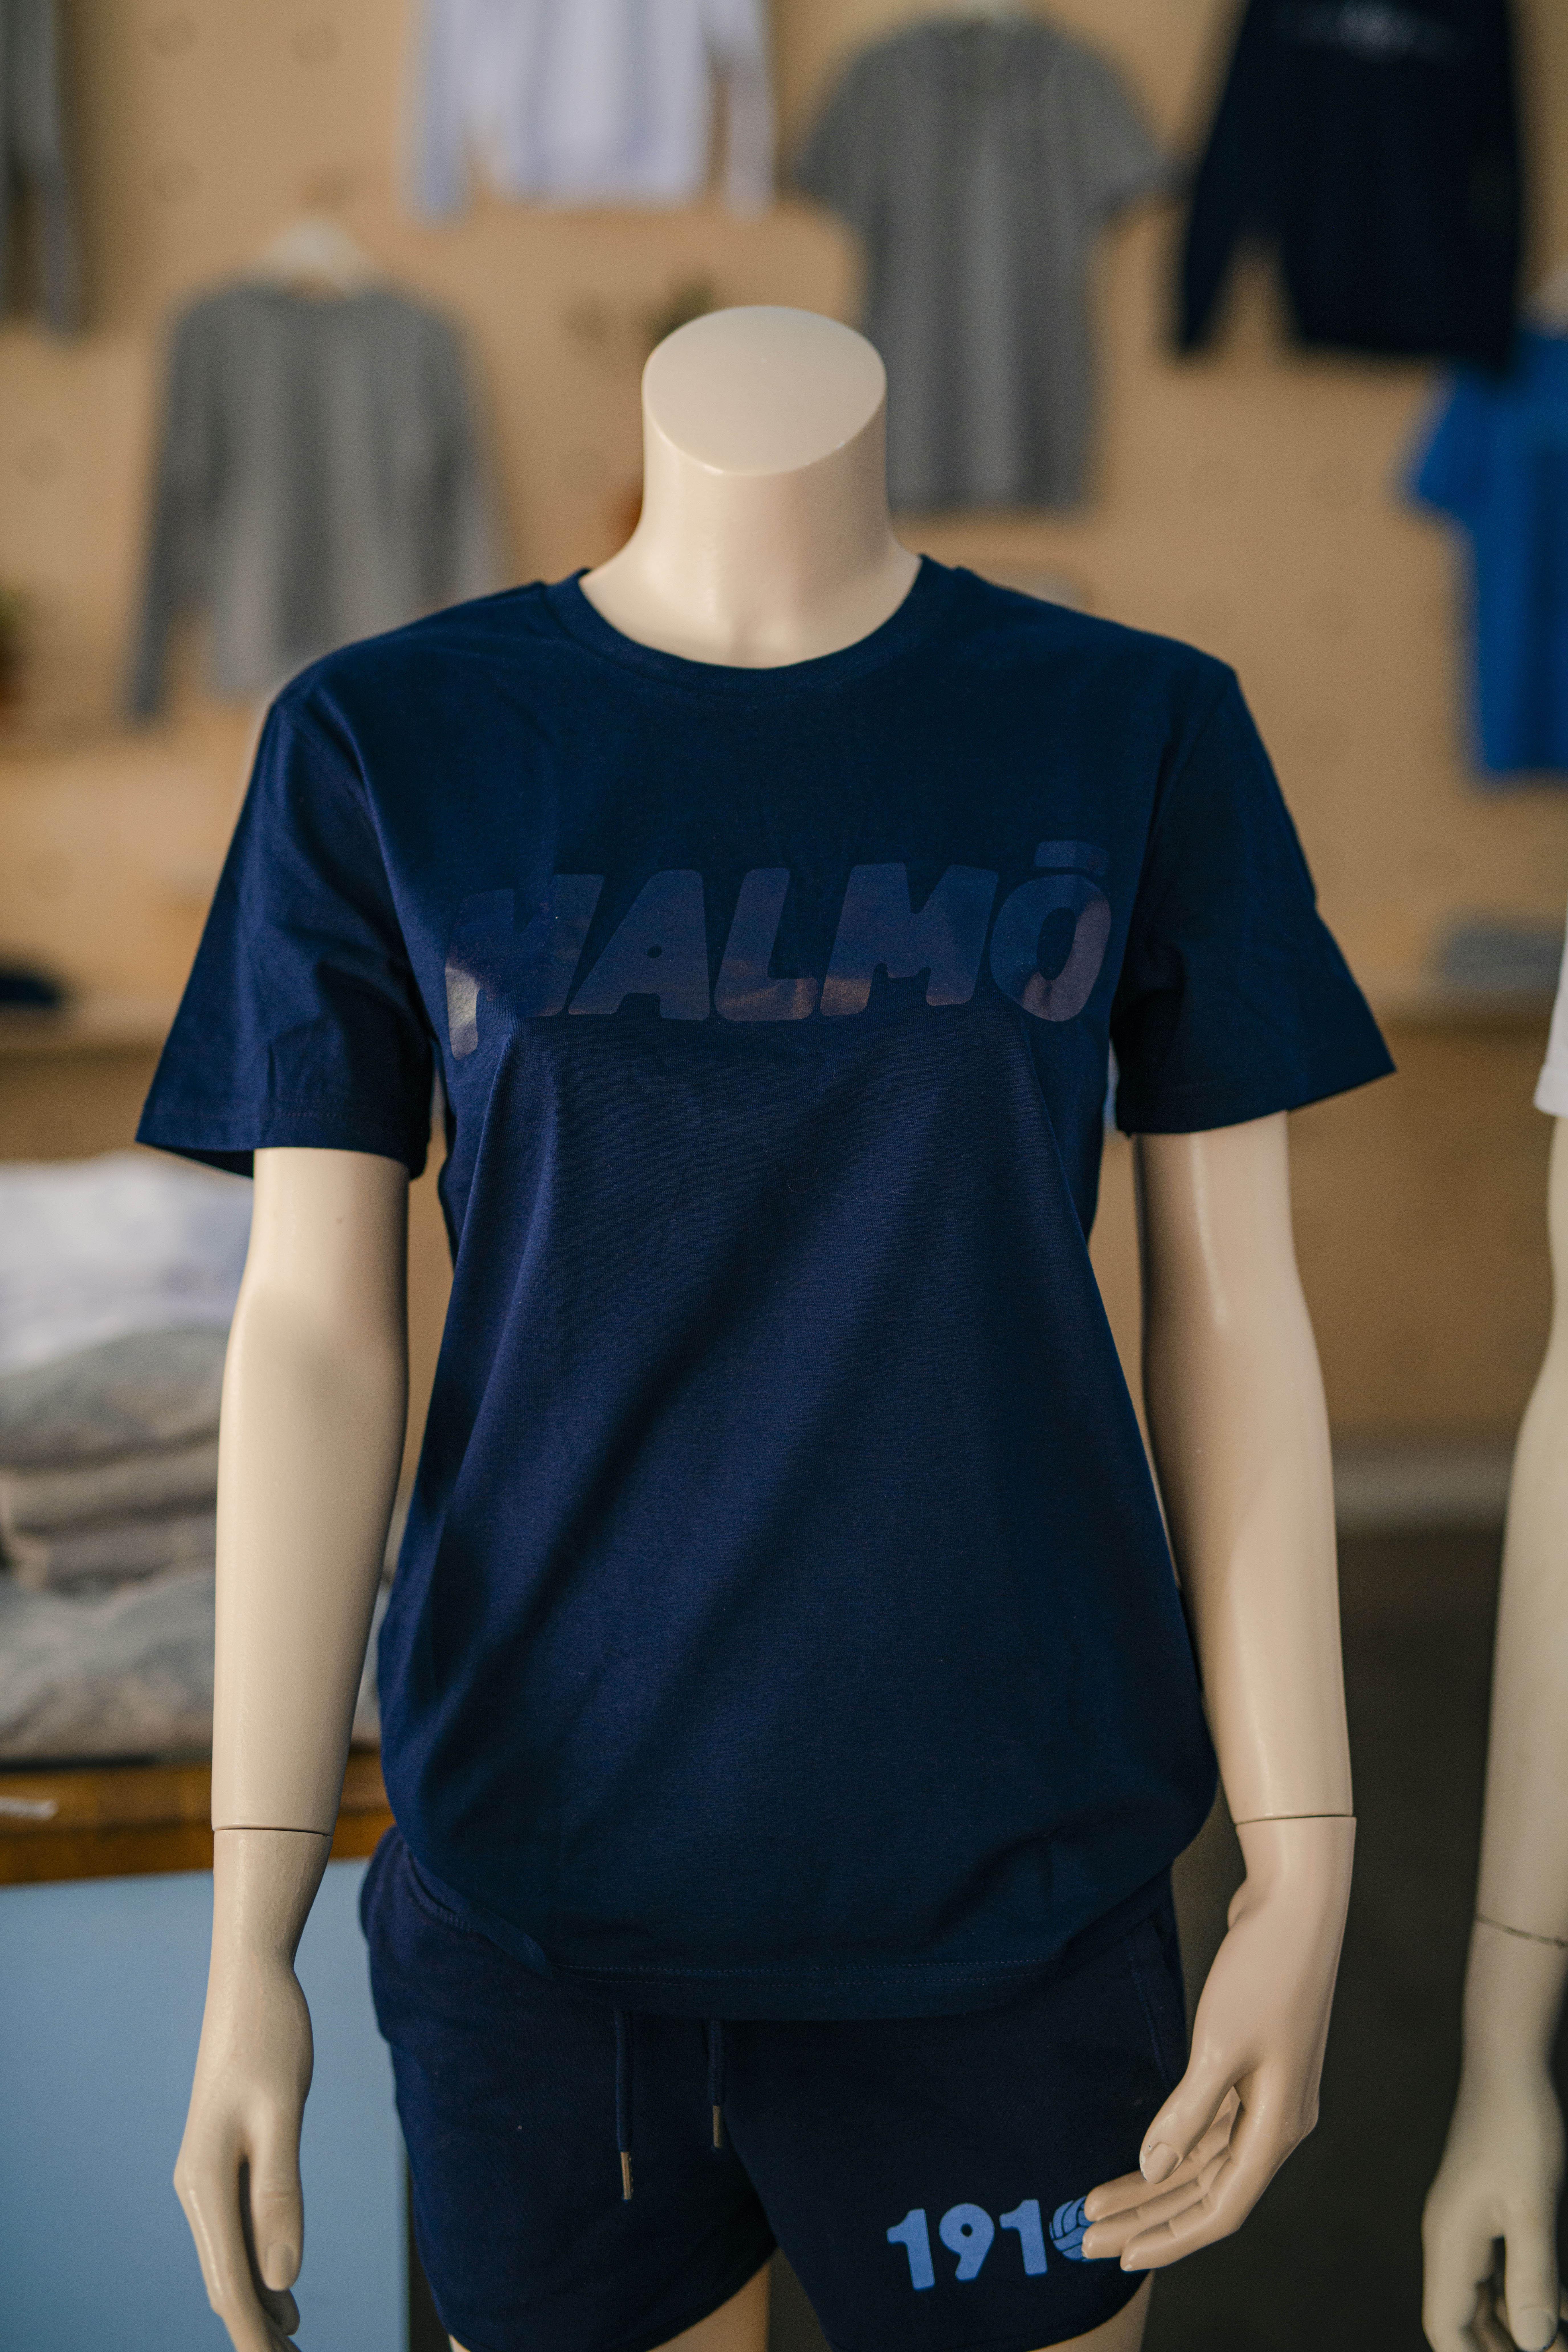 MALMÖ TONiTON - T-shirt Navy